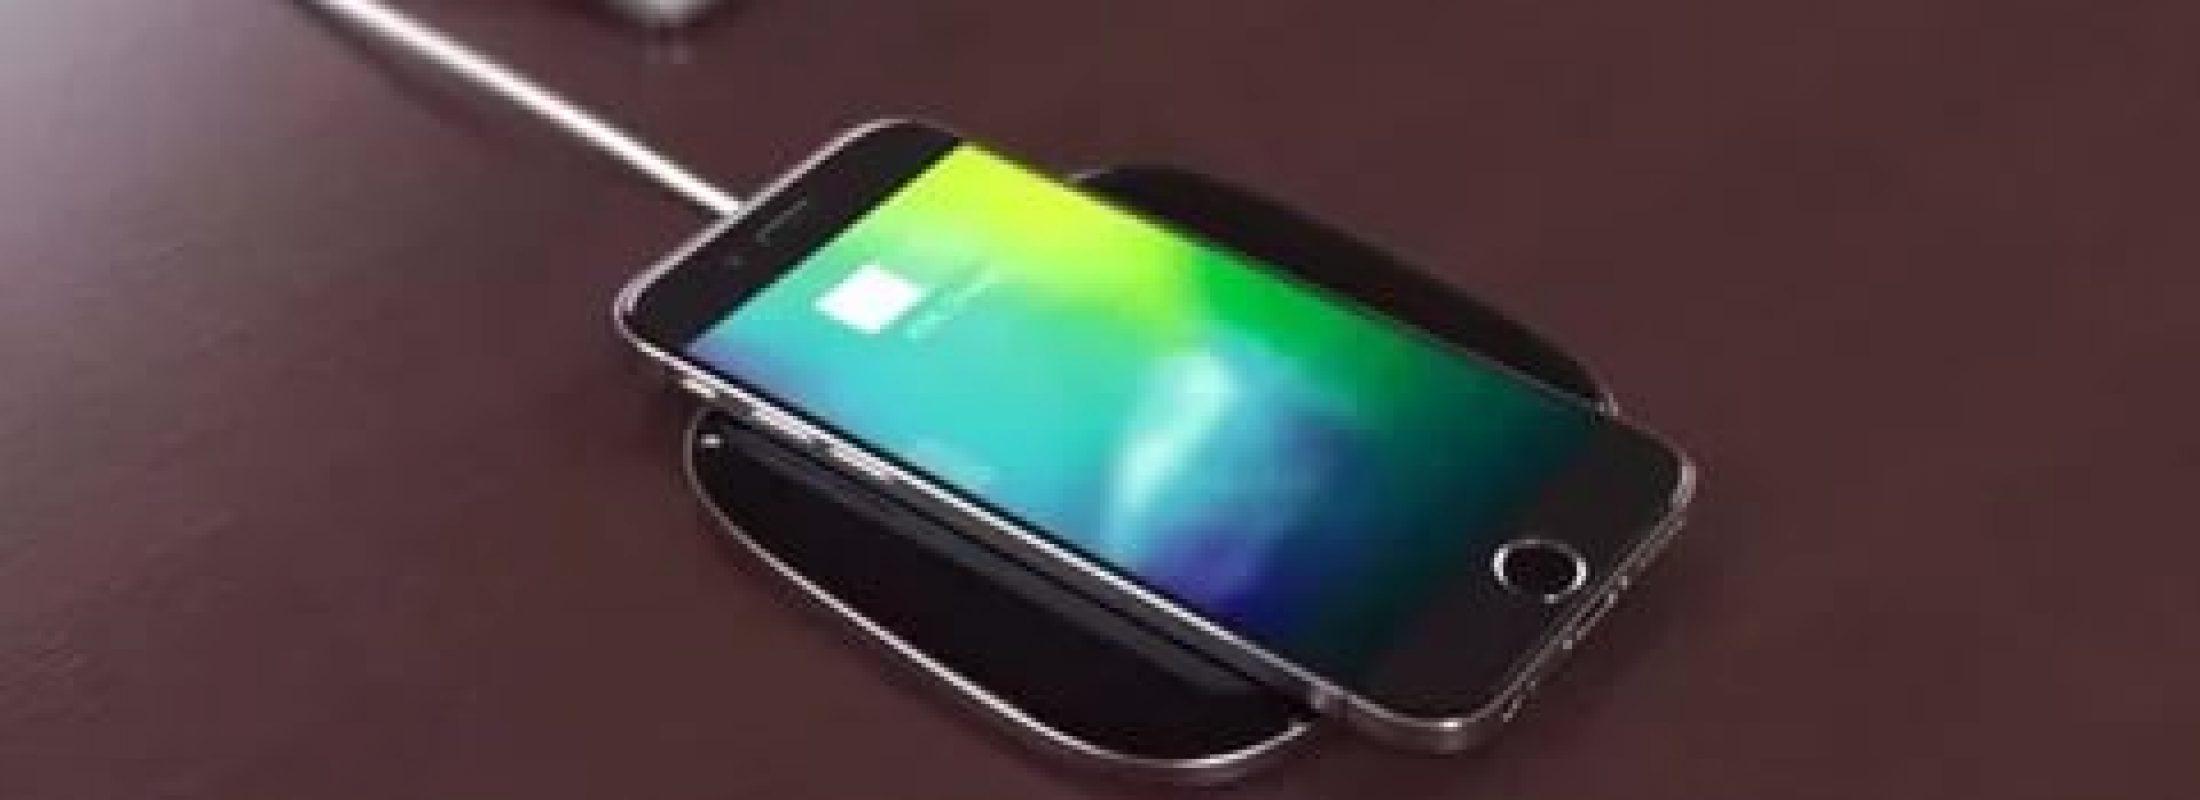 Apple'ın 2017 model tüm iPhone'ları kablosuz şarj özelliğiyle gelecek